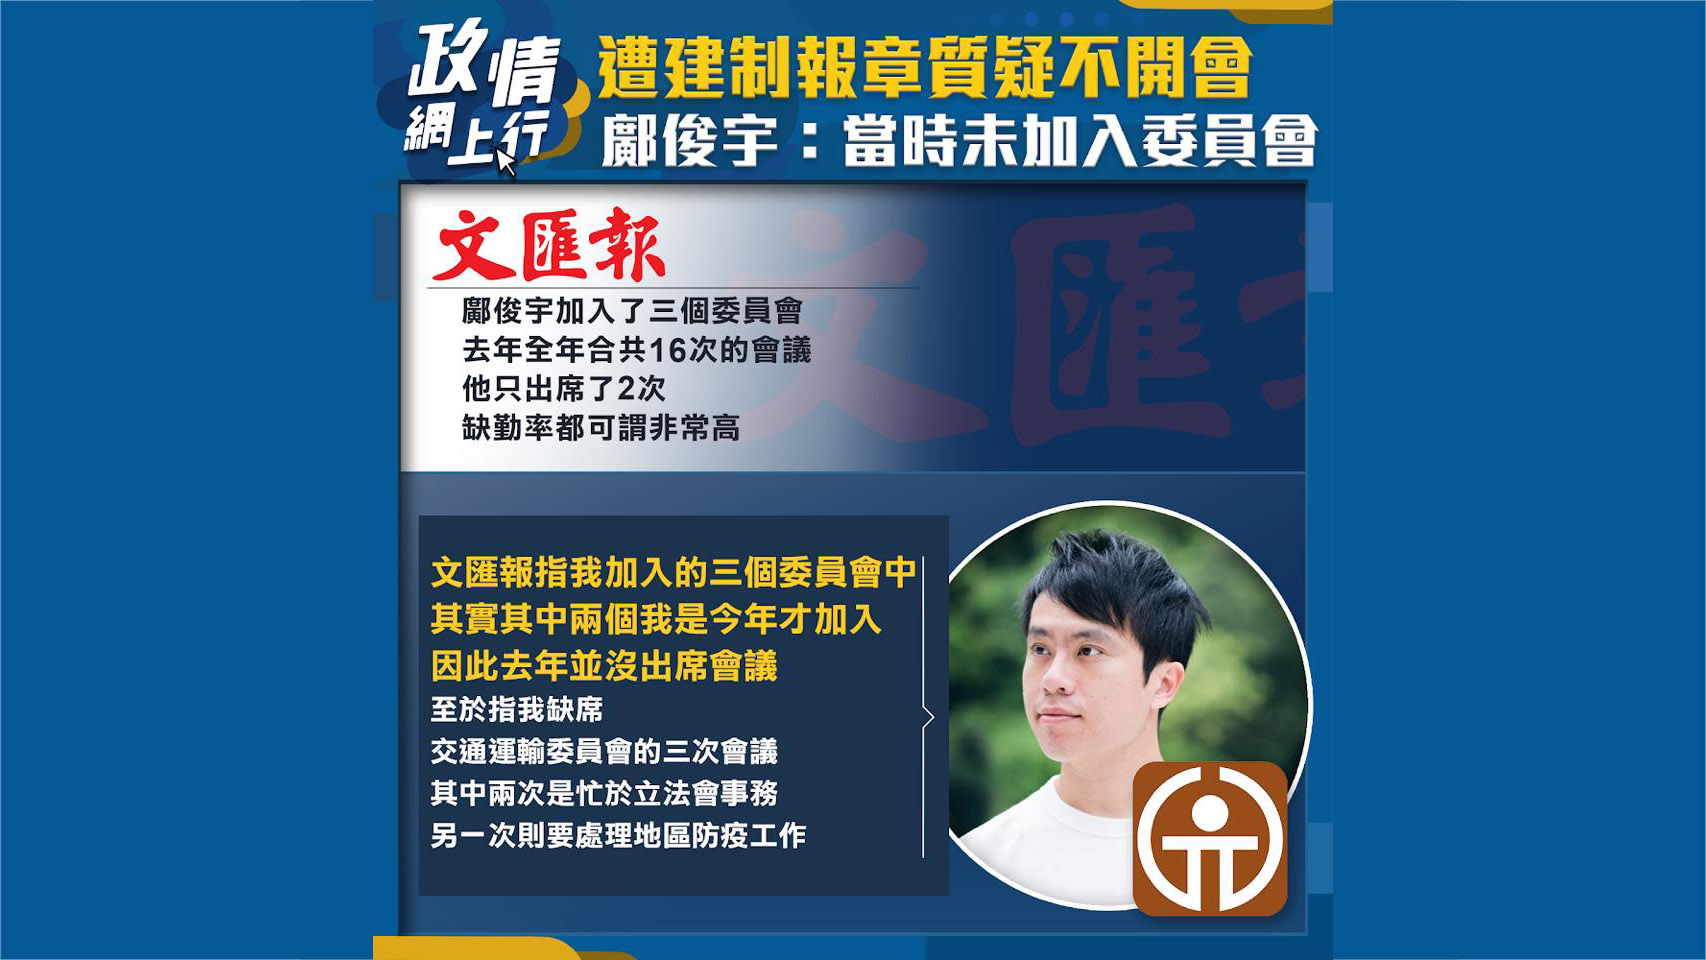 【政情網上行】遭建制報章質疑不開會 鄺俊宇:當時未加入委員會